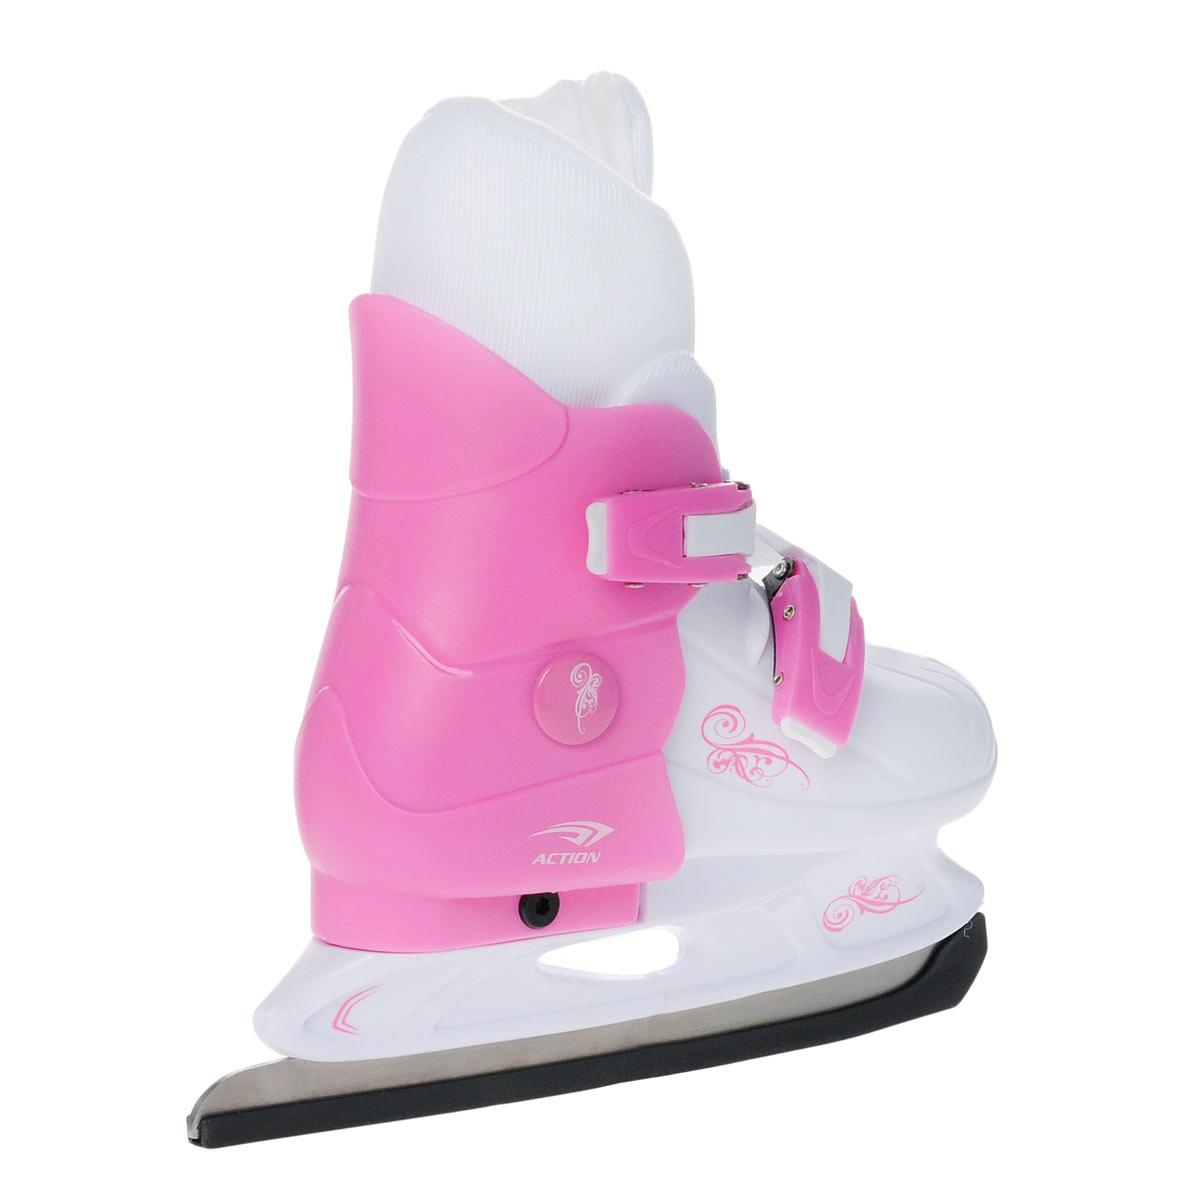 """Коньки детские Action """"PW-219"""", раздвижные, цвет: розовый, белый. Размер 29/32"""